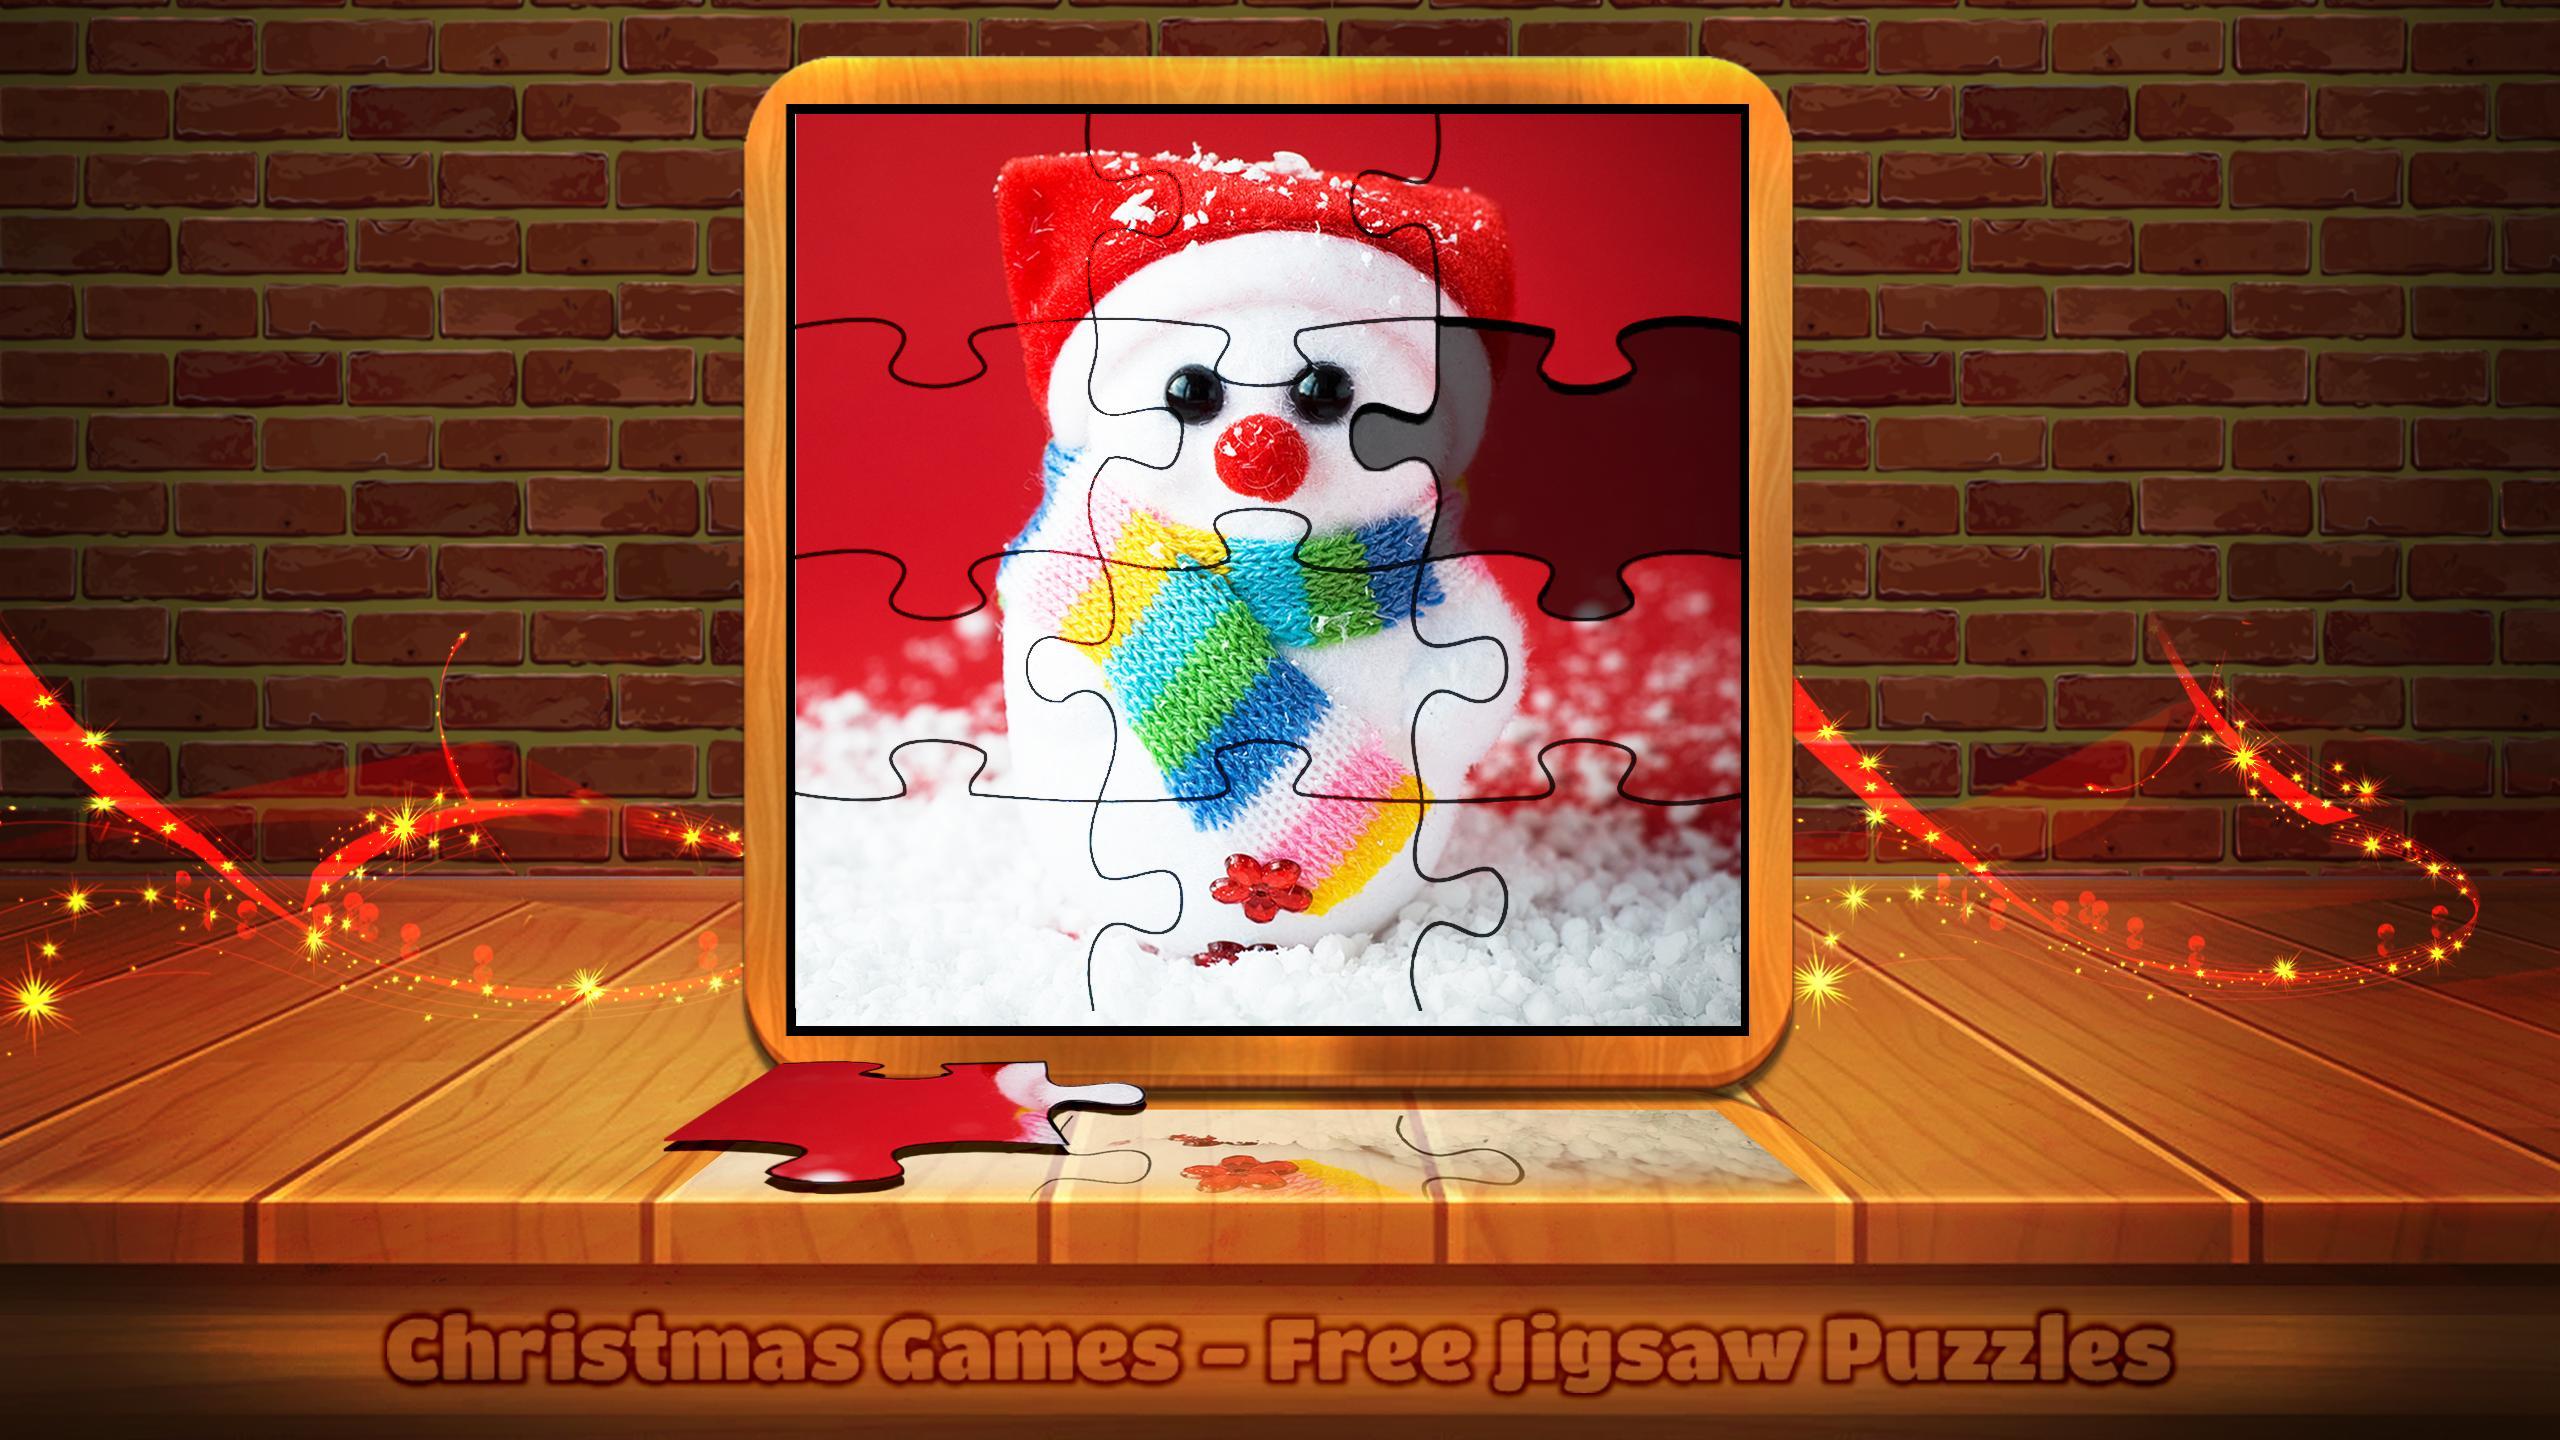 Jeux De Noël - Jigsaw Puzzles Gratuits Pour Android dedans Puzzle Gratuit A Telecharger Pour Tablette